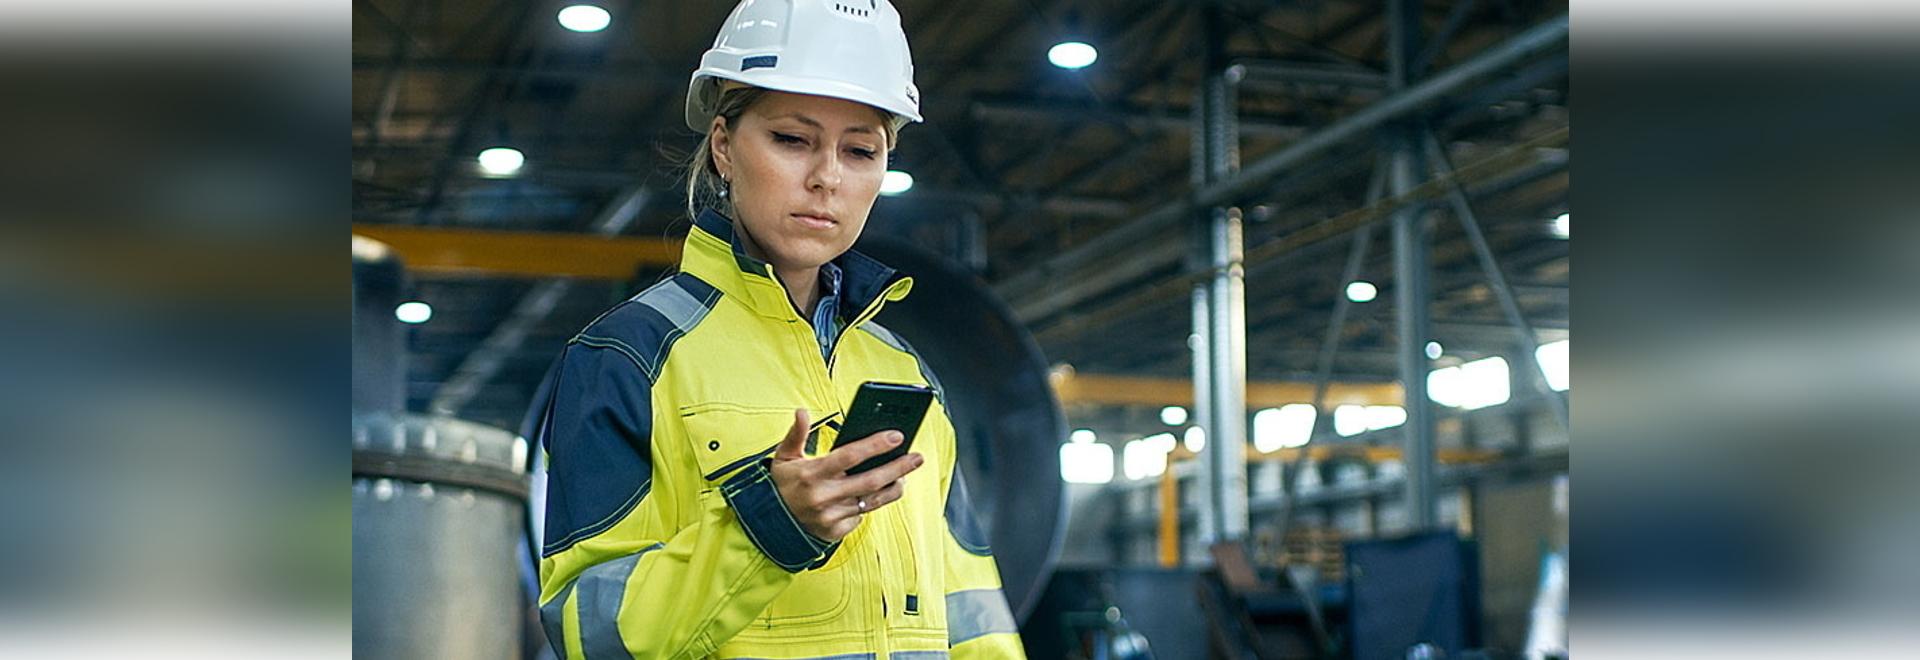 Las aplicaciones para móviles ayudan a reducir el riesgo en la industria de la seguridad